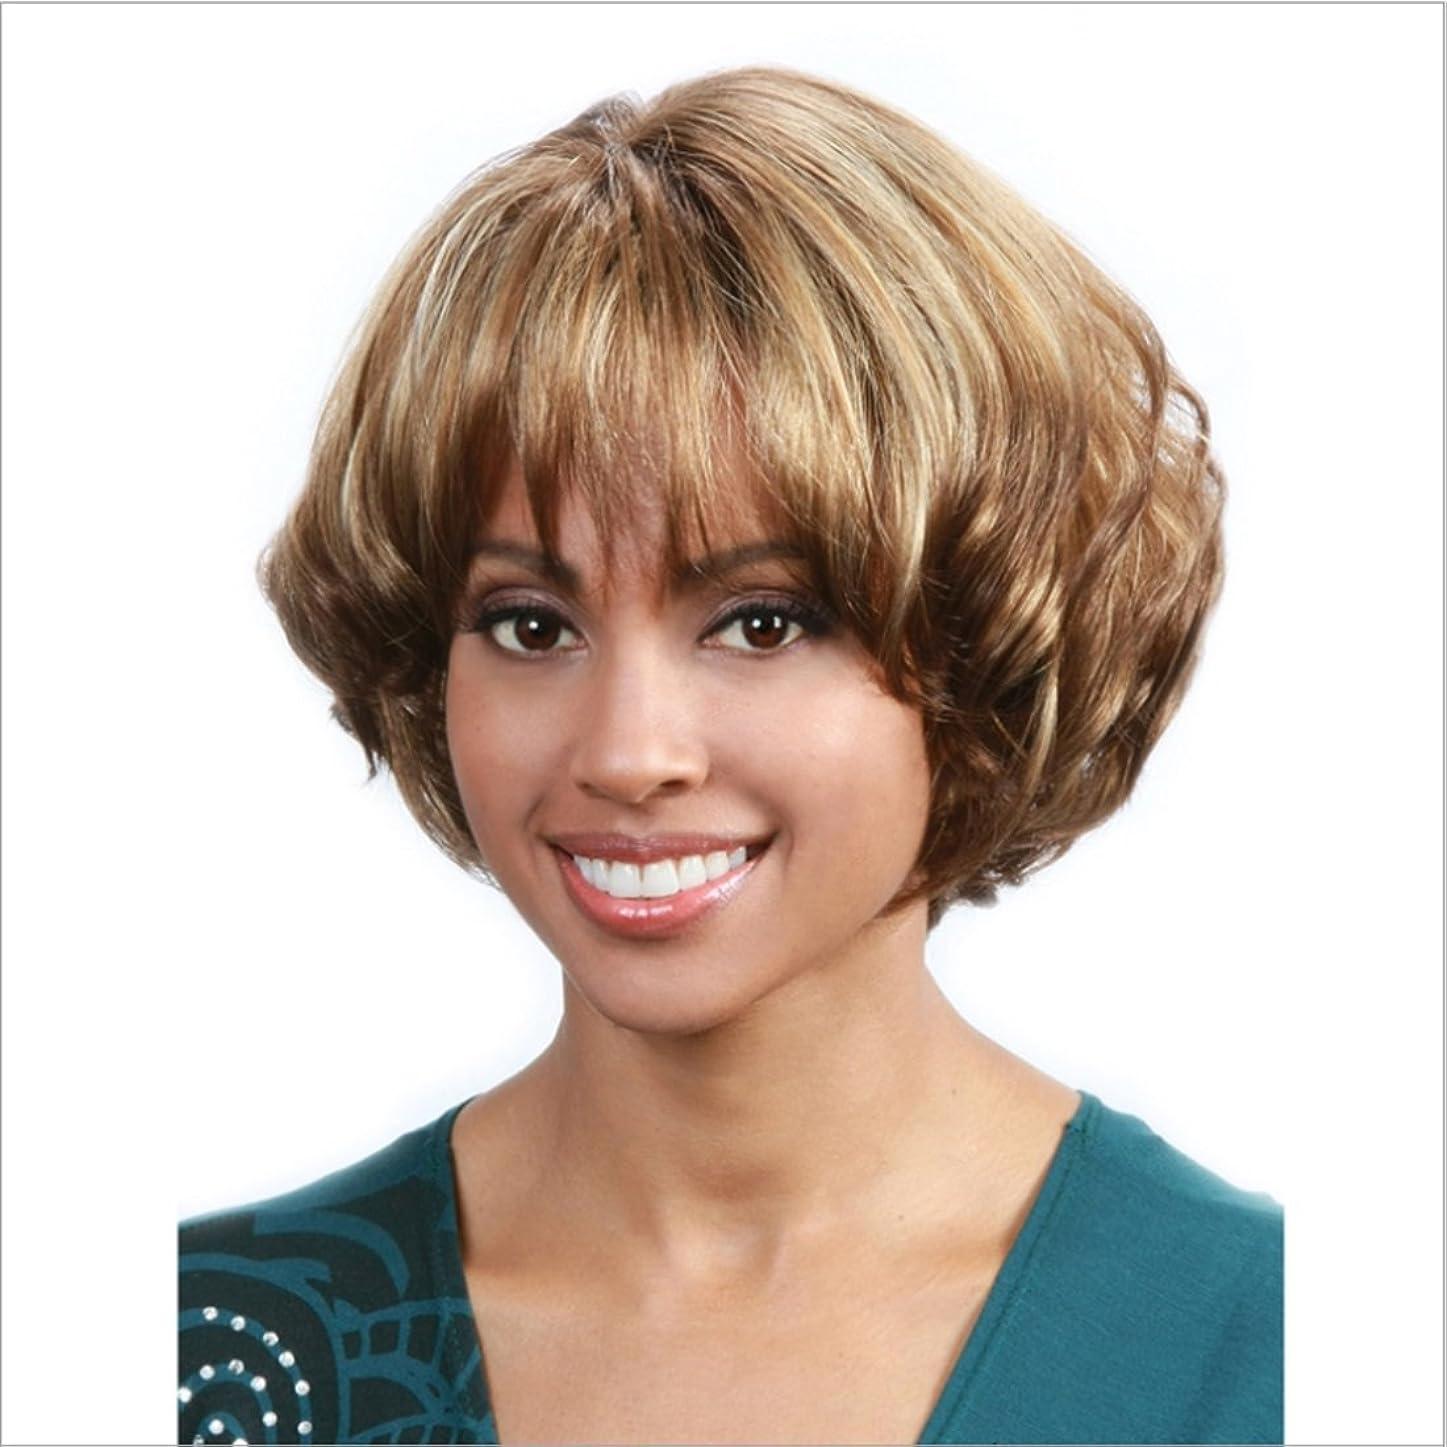 扇動する二空白JIANFU 白い女性のための混合色のかつらカーリー合成髪短いブラウンと黒ウィッグ耐熱性髪のふわふわウィッグフラットバンズ付き10inch / 150g (Color : Brown and black)